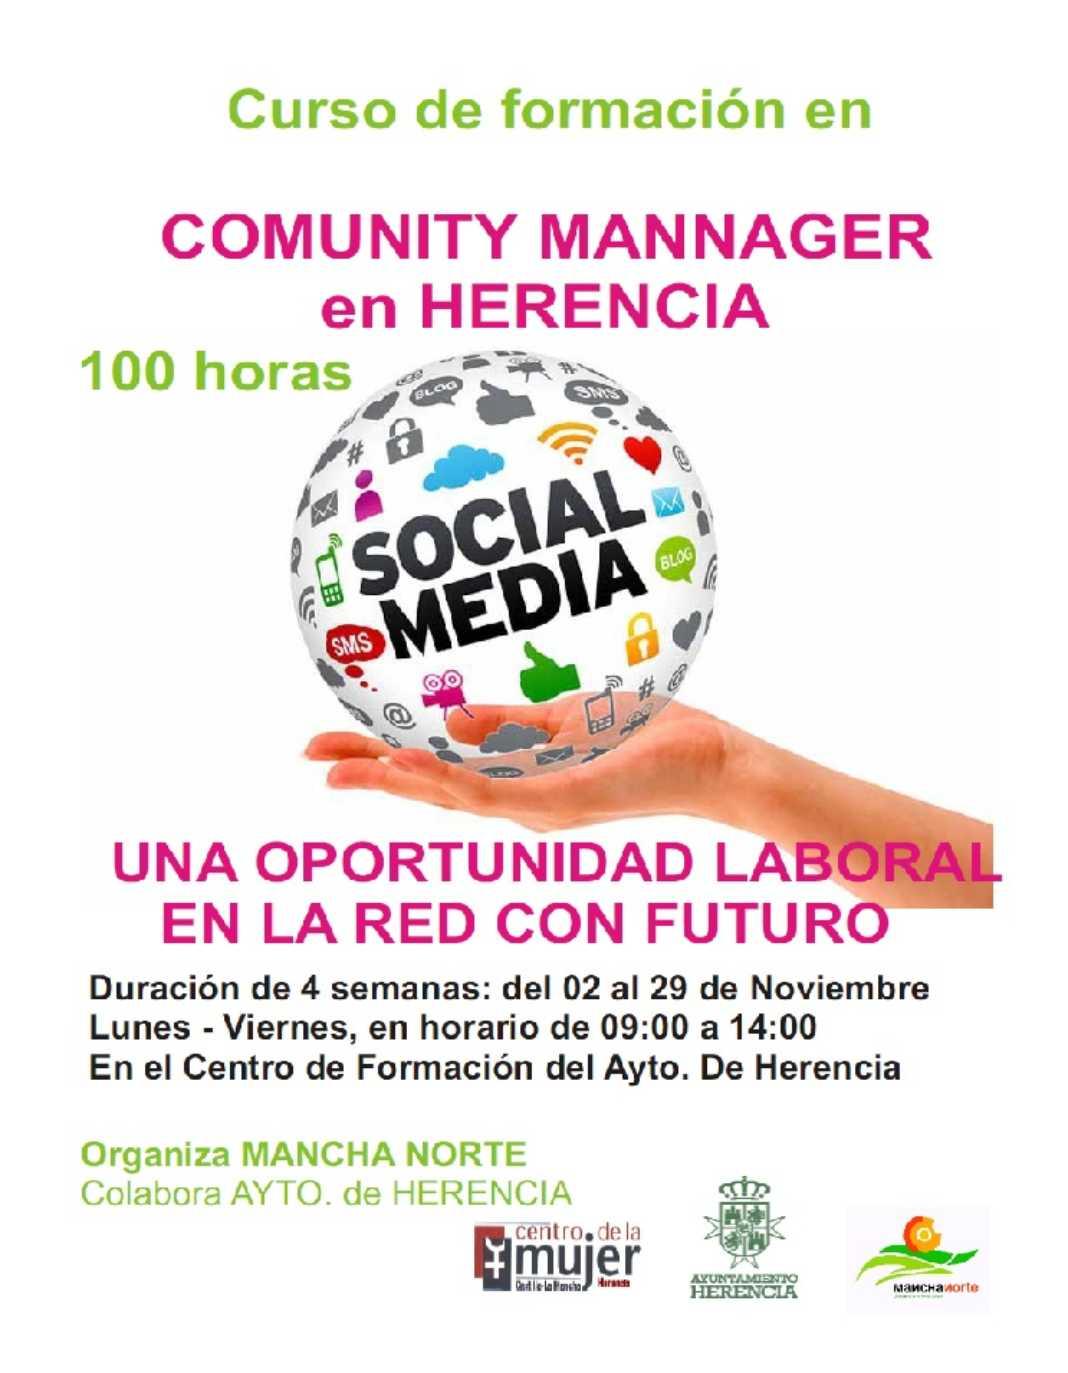 Mancha Norte organiza un curso de Community Manager en Herencia 4